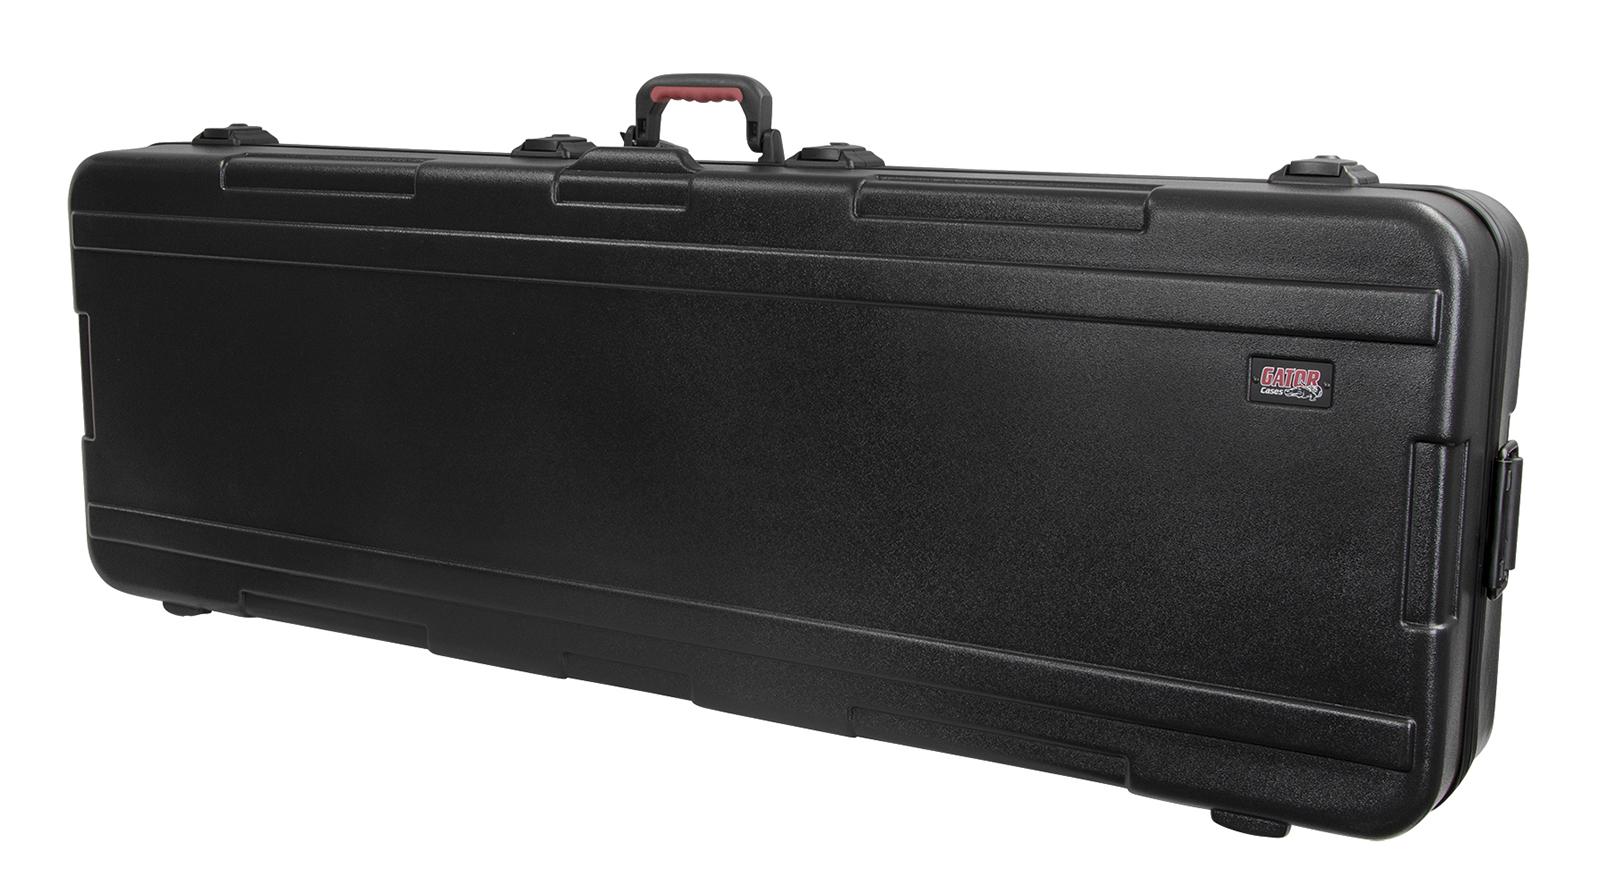 Gator GKPE-88D-TSA Lisovaný kufr z polyetylénu s TSA zámky a kolečky na keyboard 88 kláves